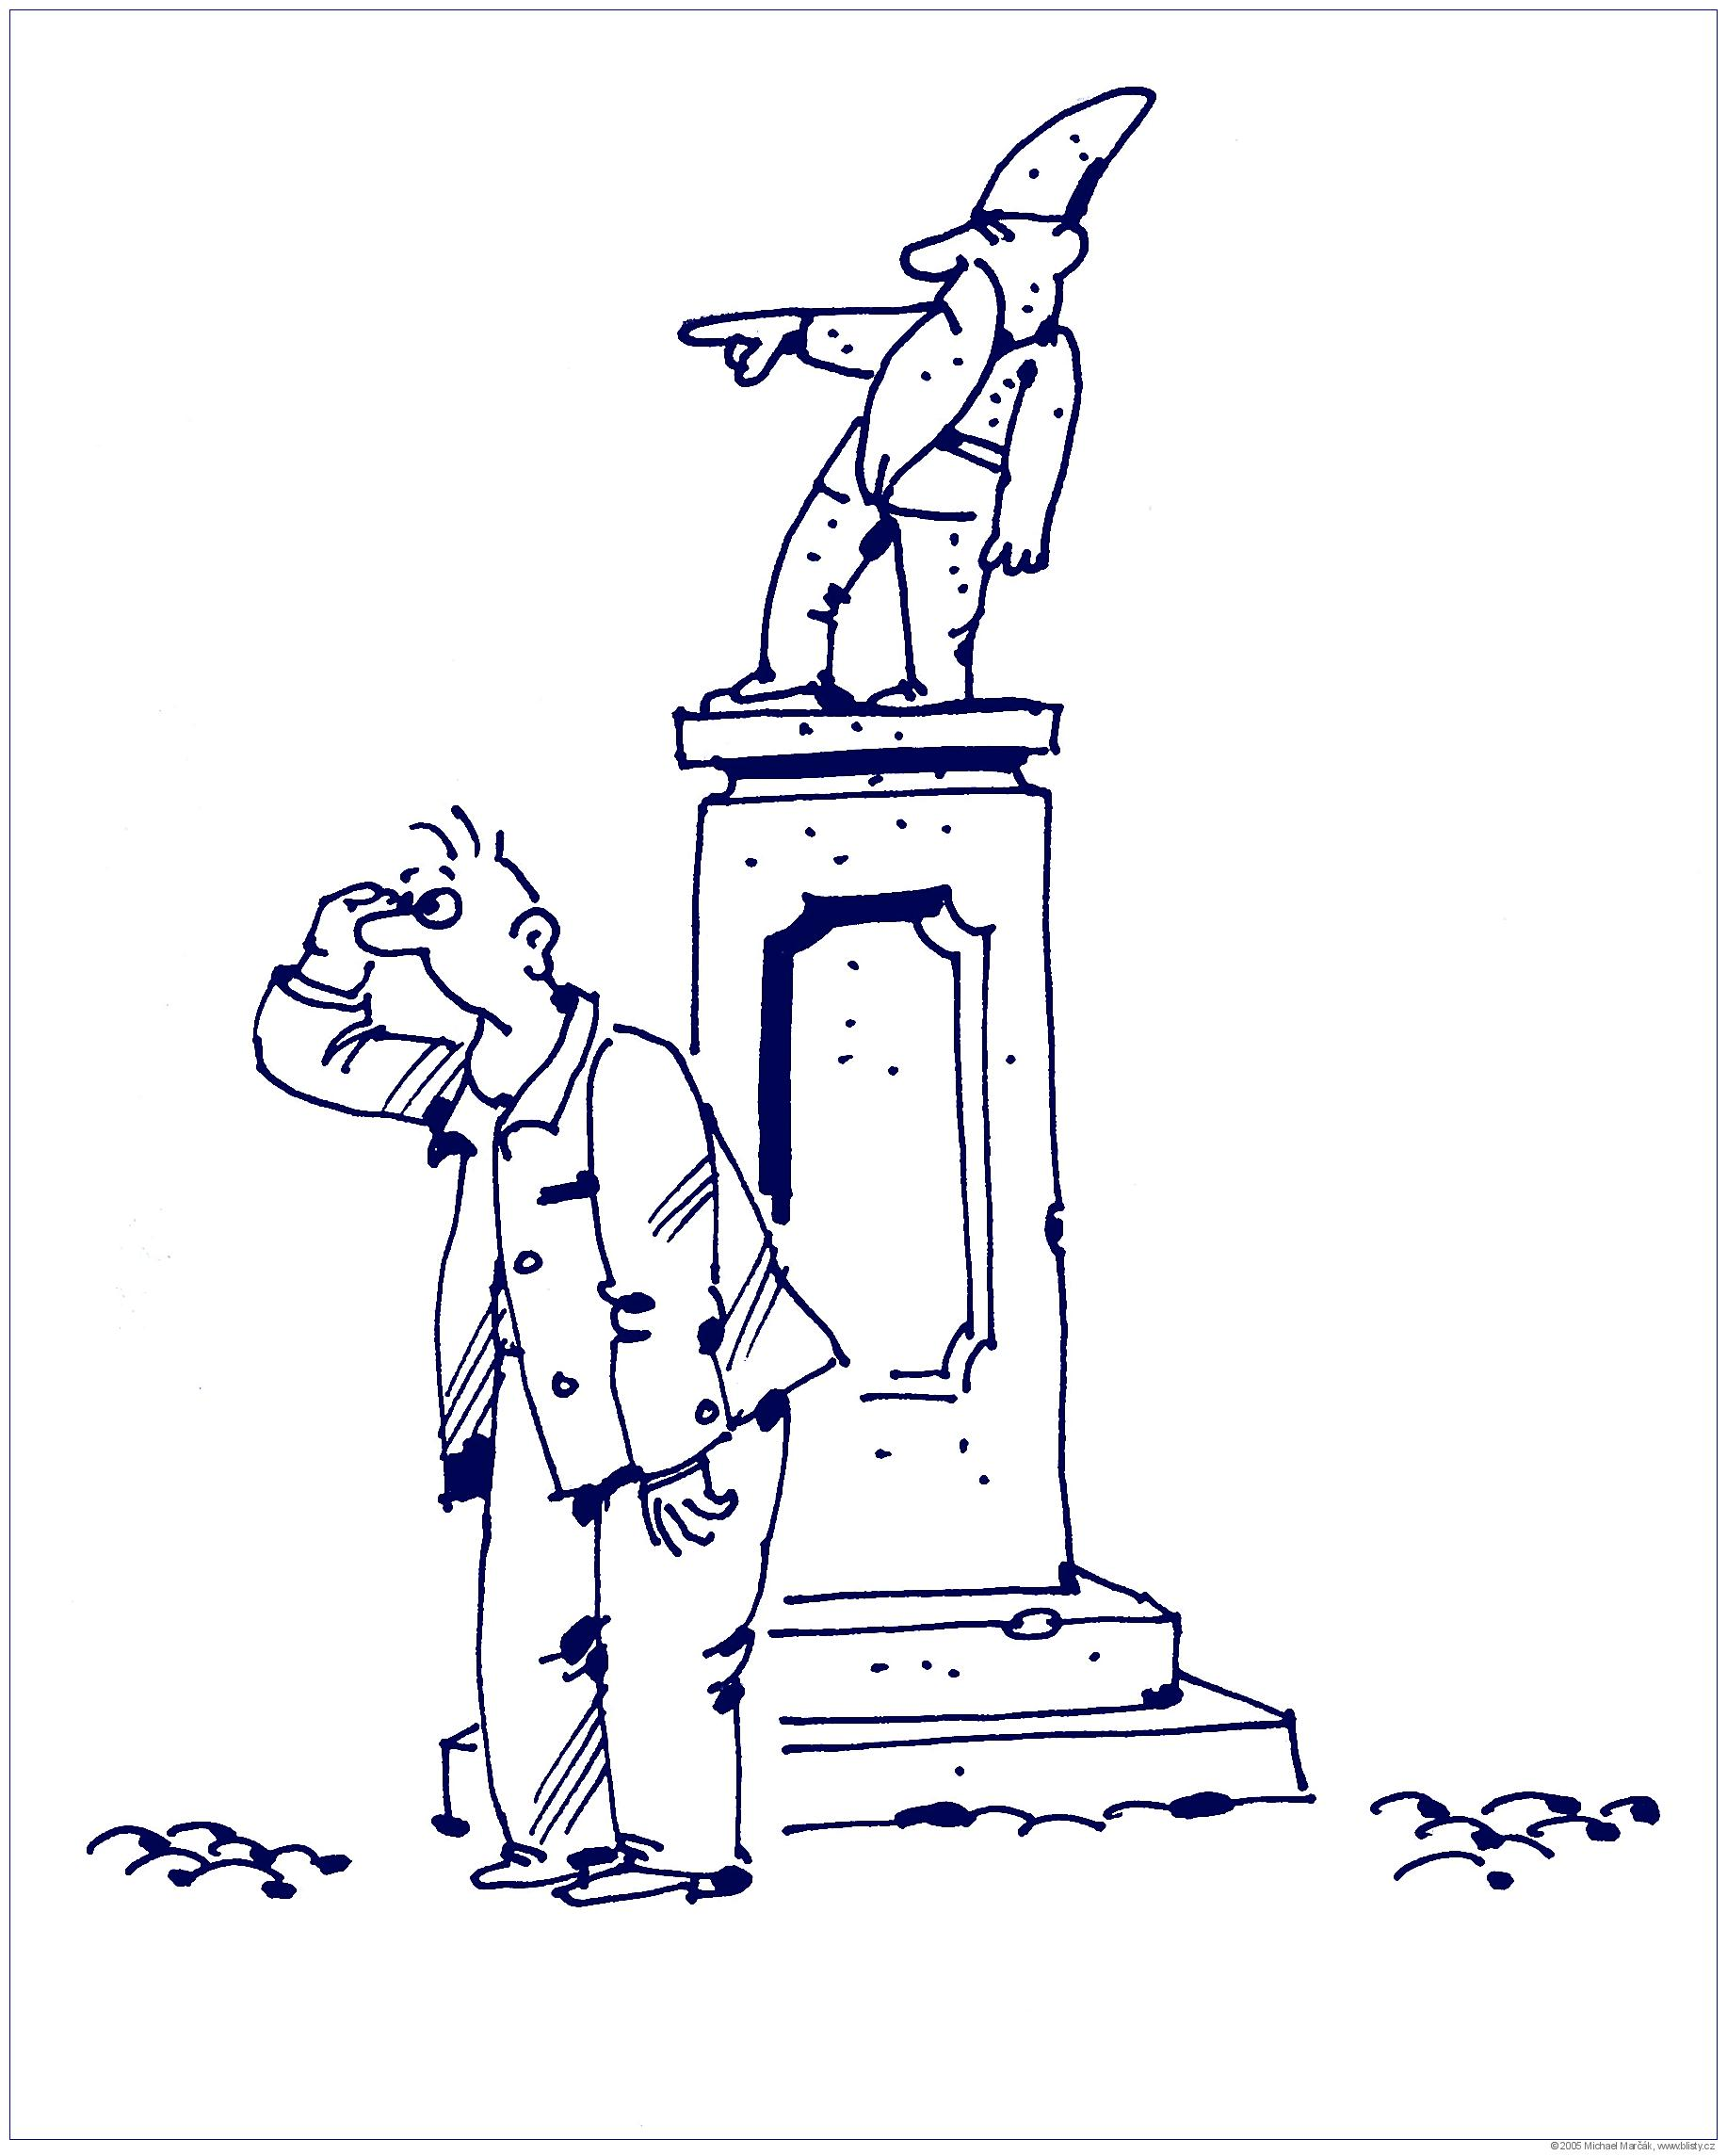 Sociální sítě zaplavují hesla #IononsonoCharlie (Nejsem Charlie) a italská města se vůči karikaturám bouří.